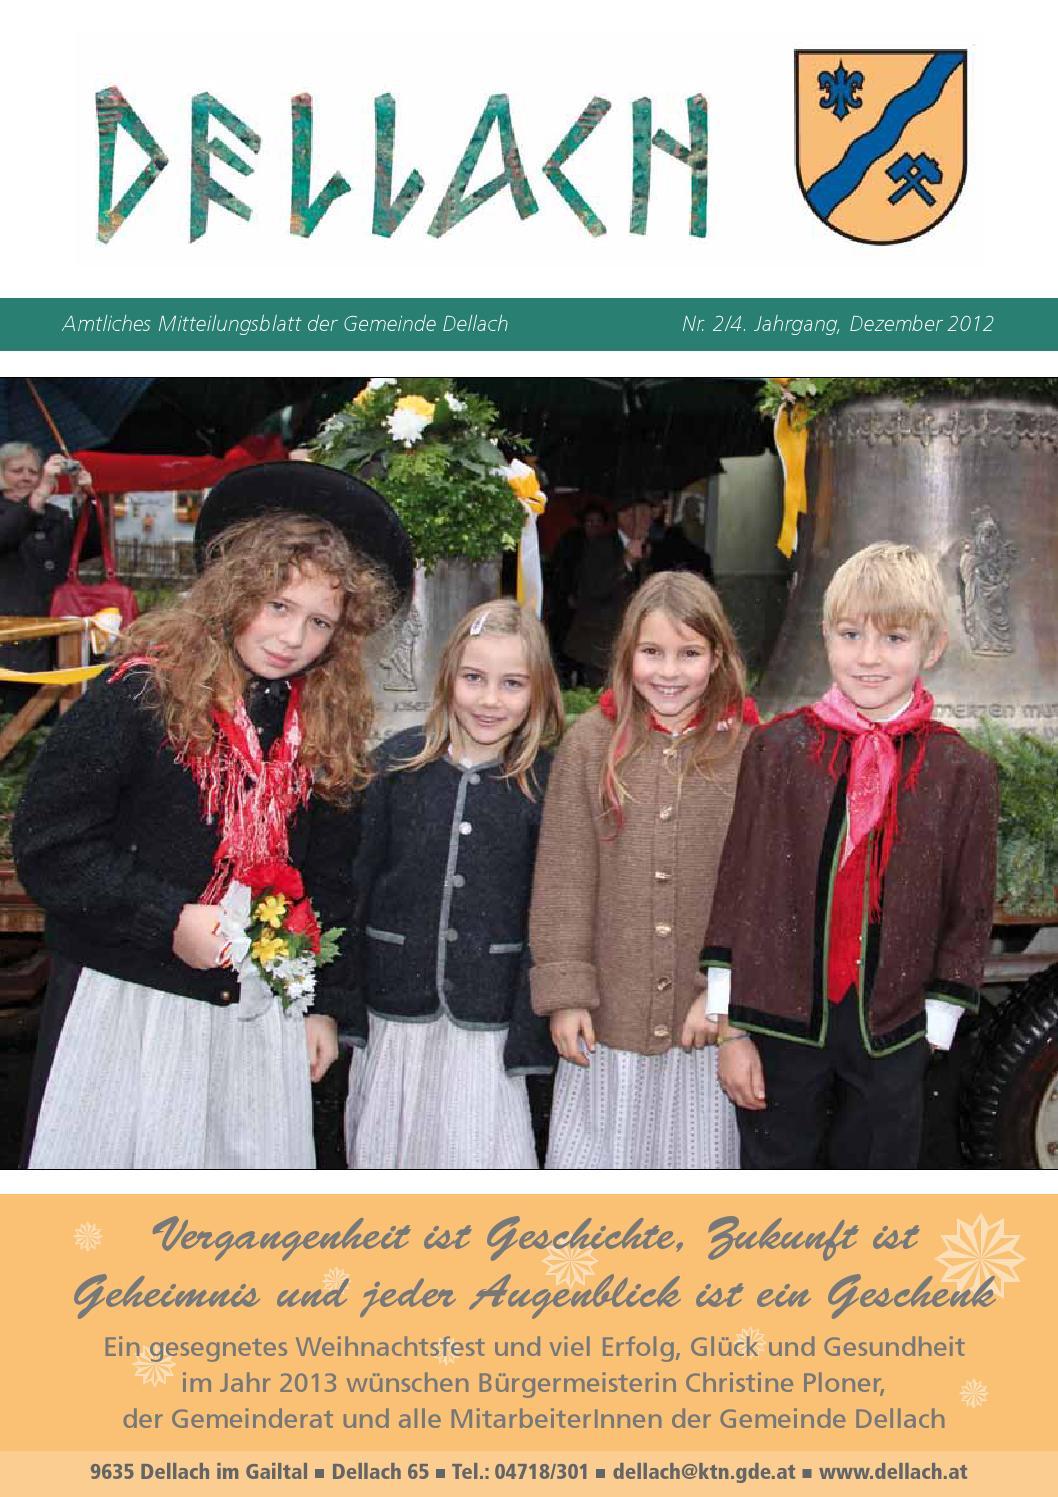 Siegendorf kostenlose partnervermittlung - Frauen